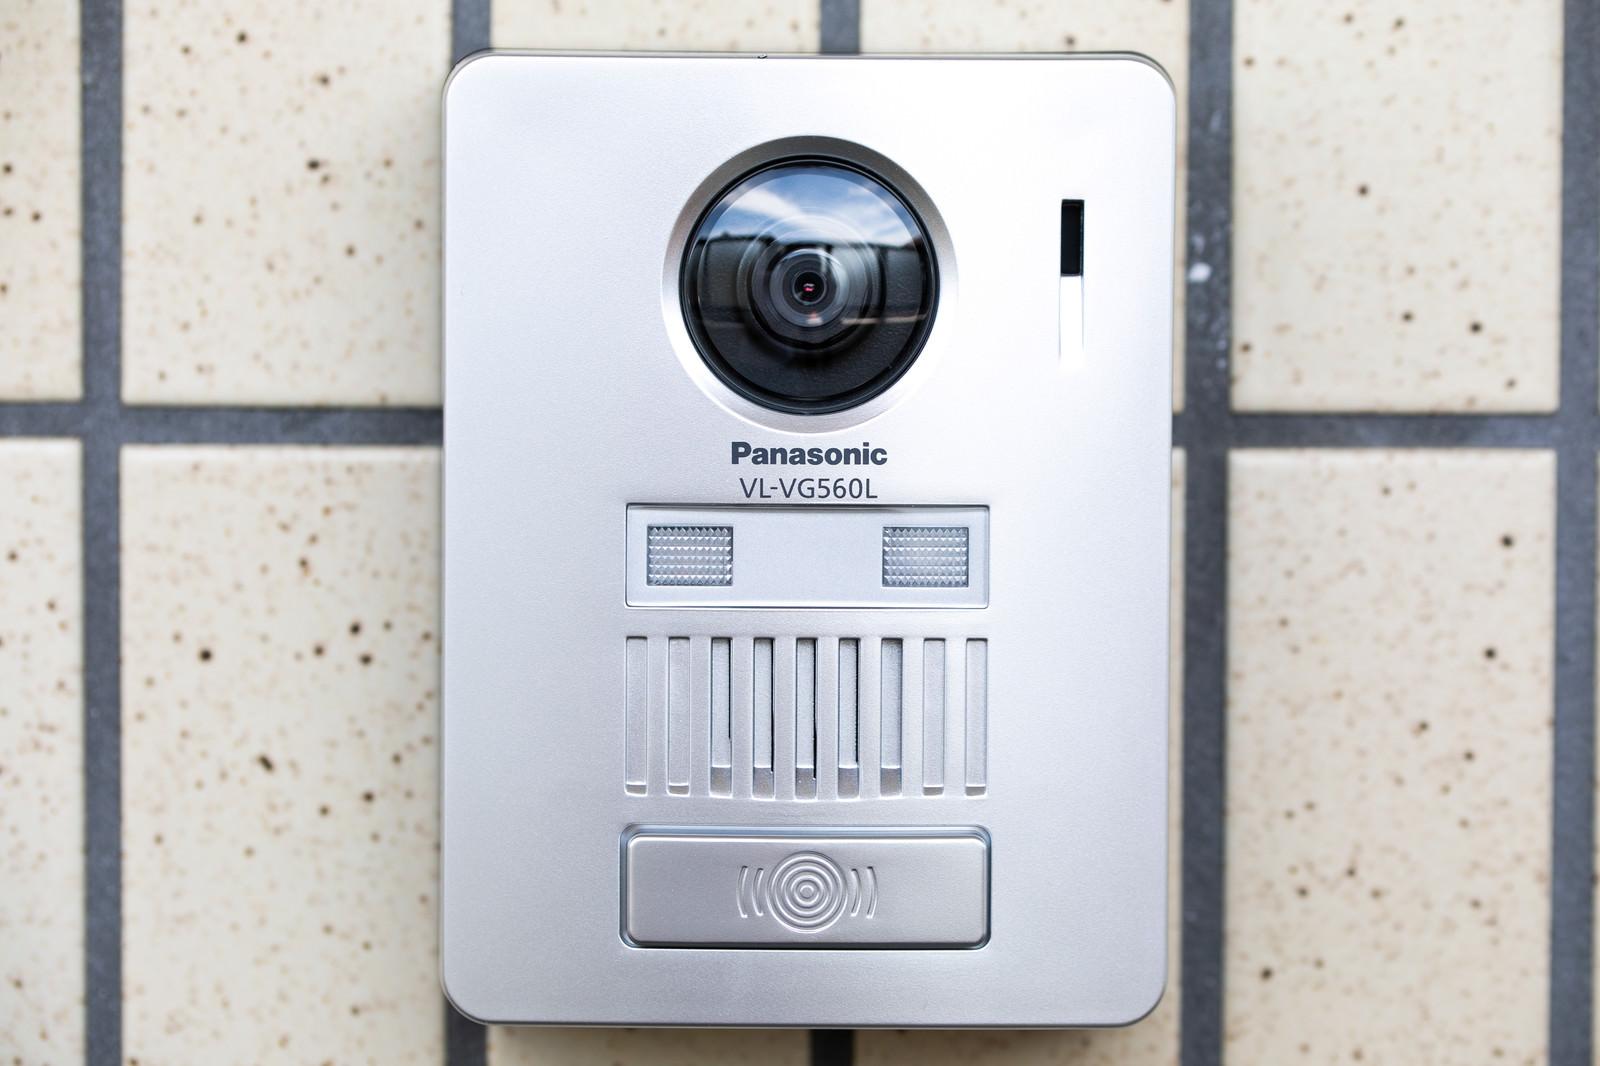 「カメラ付きのインターホンカメラ付きのインターホン」のフリー写真素材を拡大